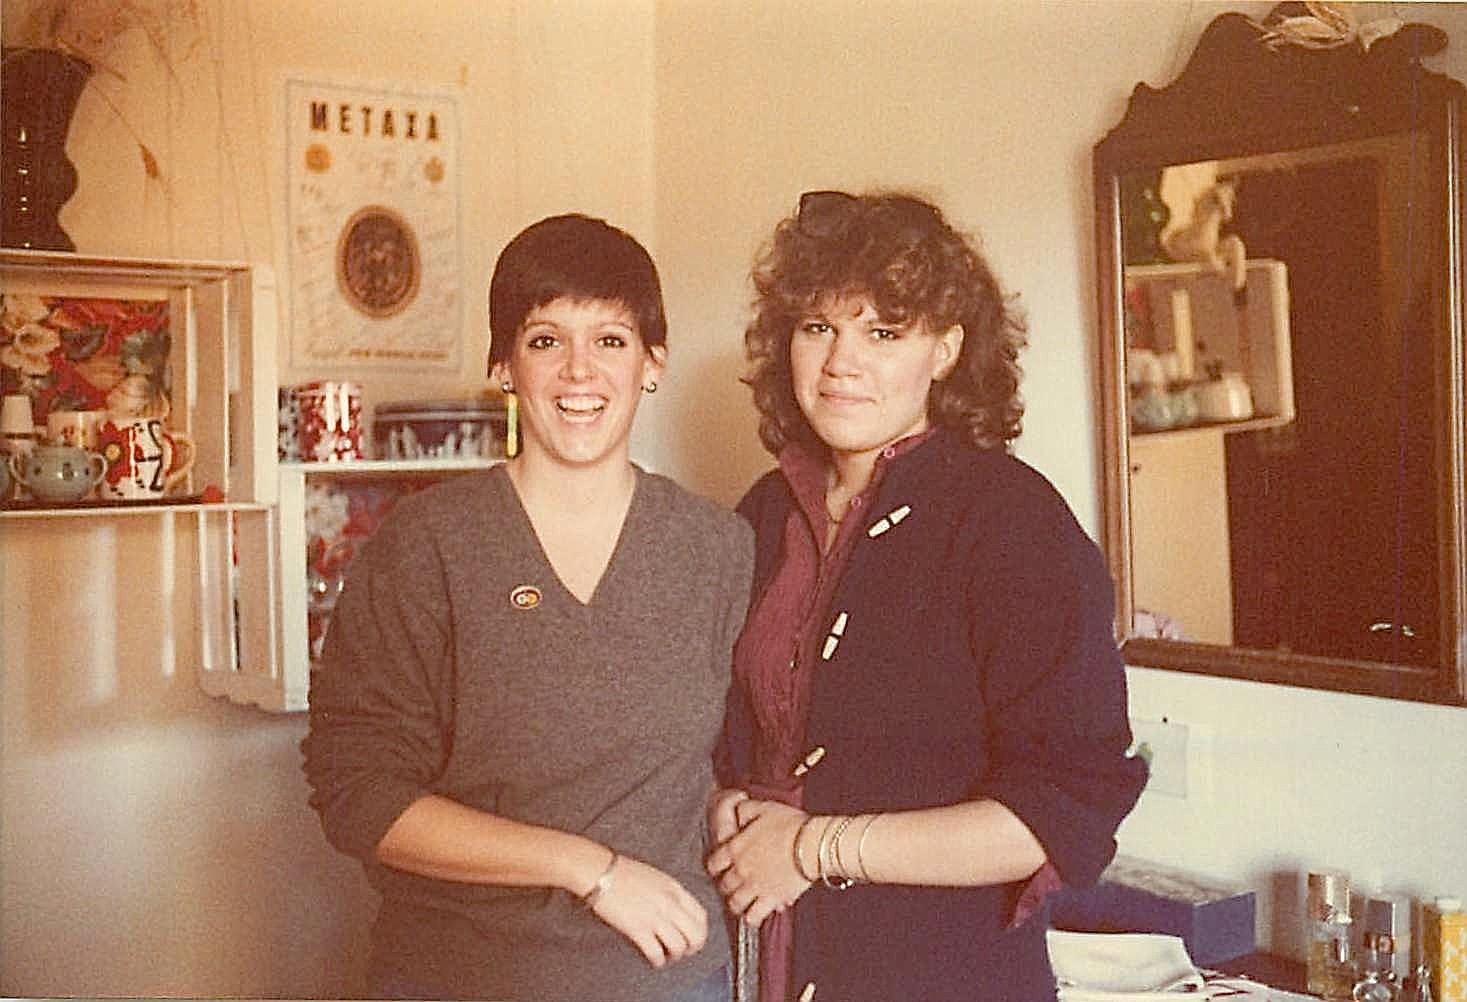 Liz Scheller & Celeste, 1978, Smith College